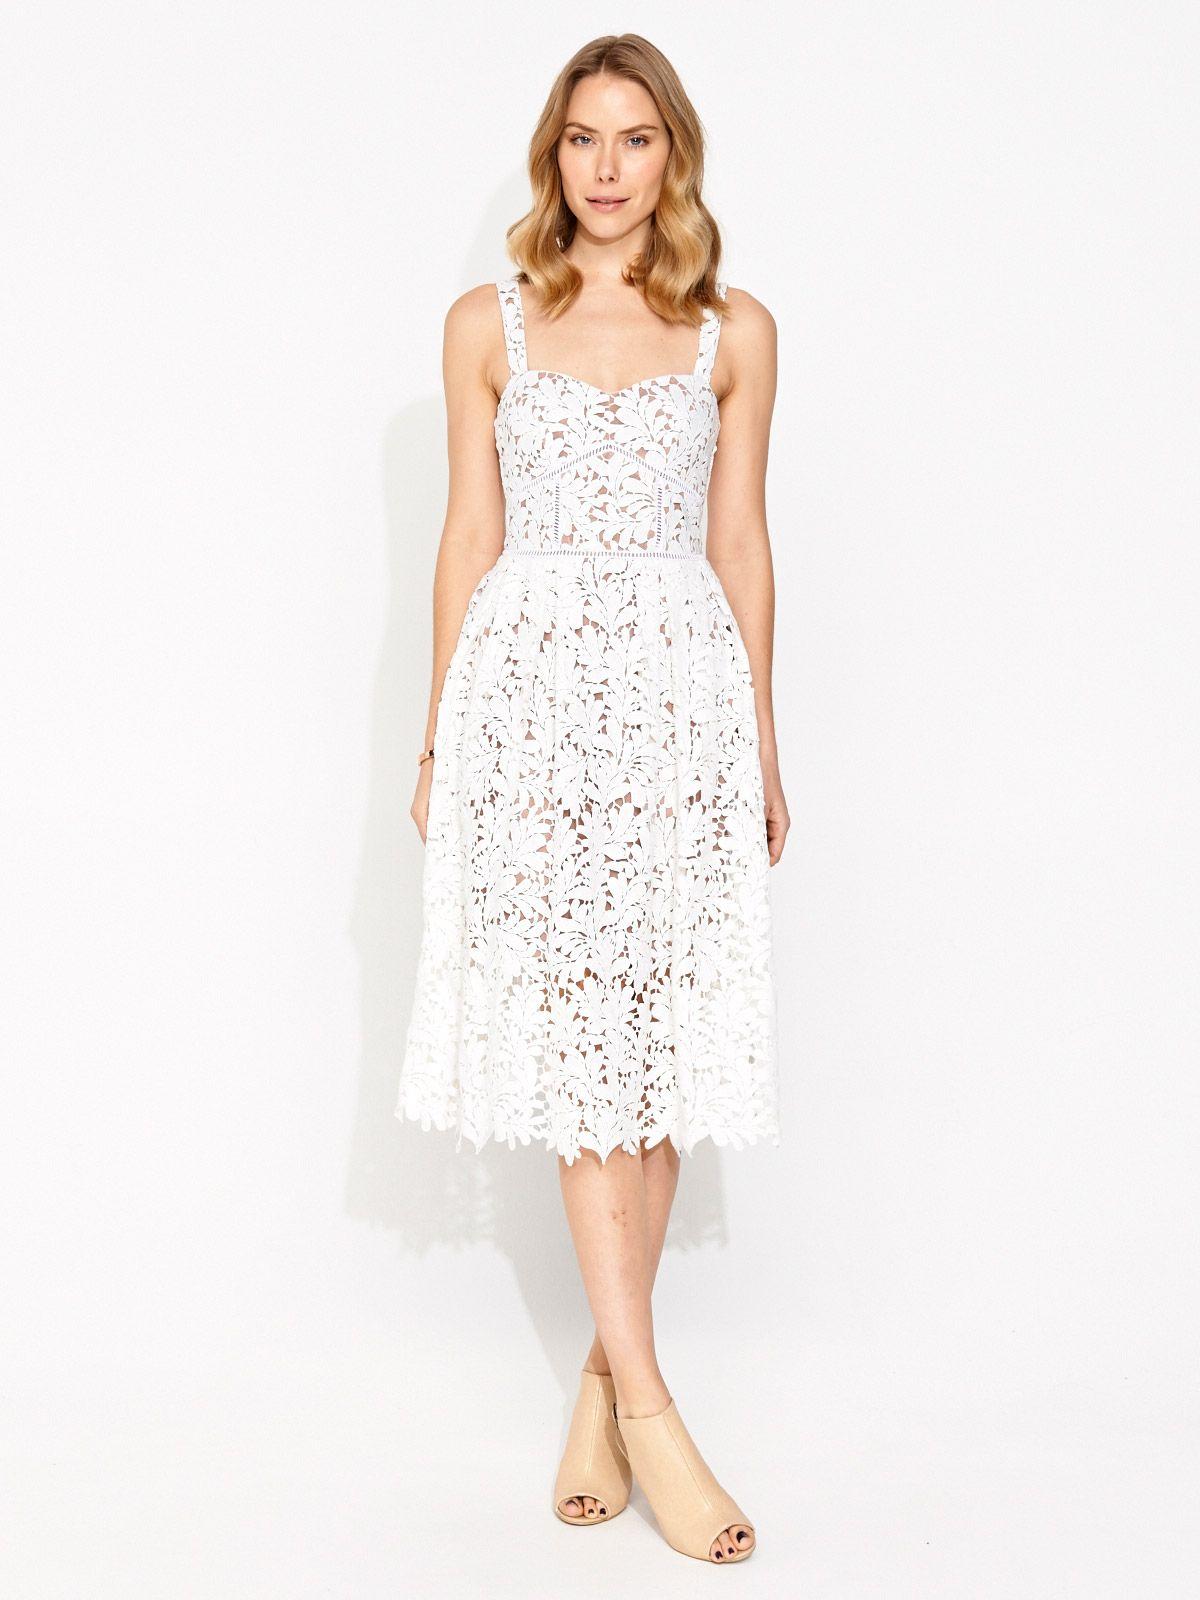 Image for Divine Lace Full Skirt Dress from Portmans $170